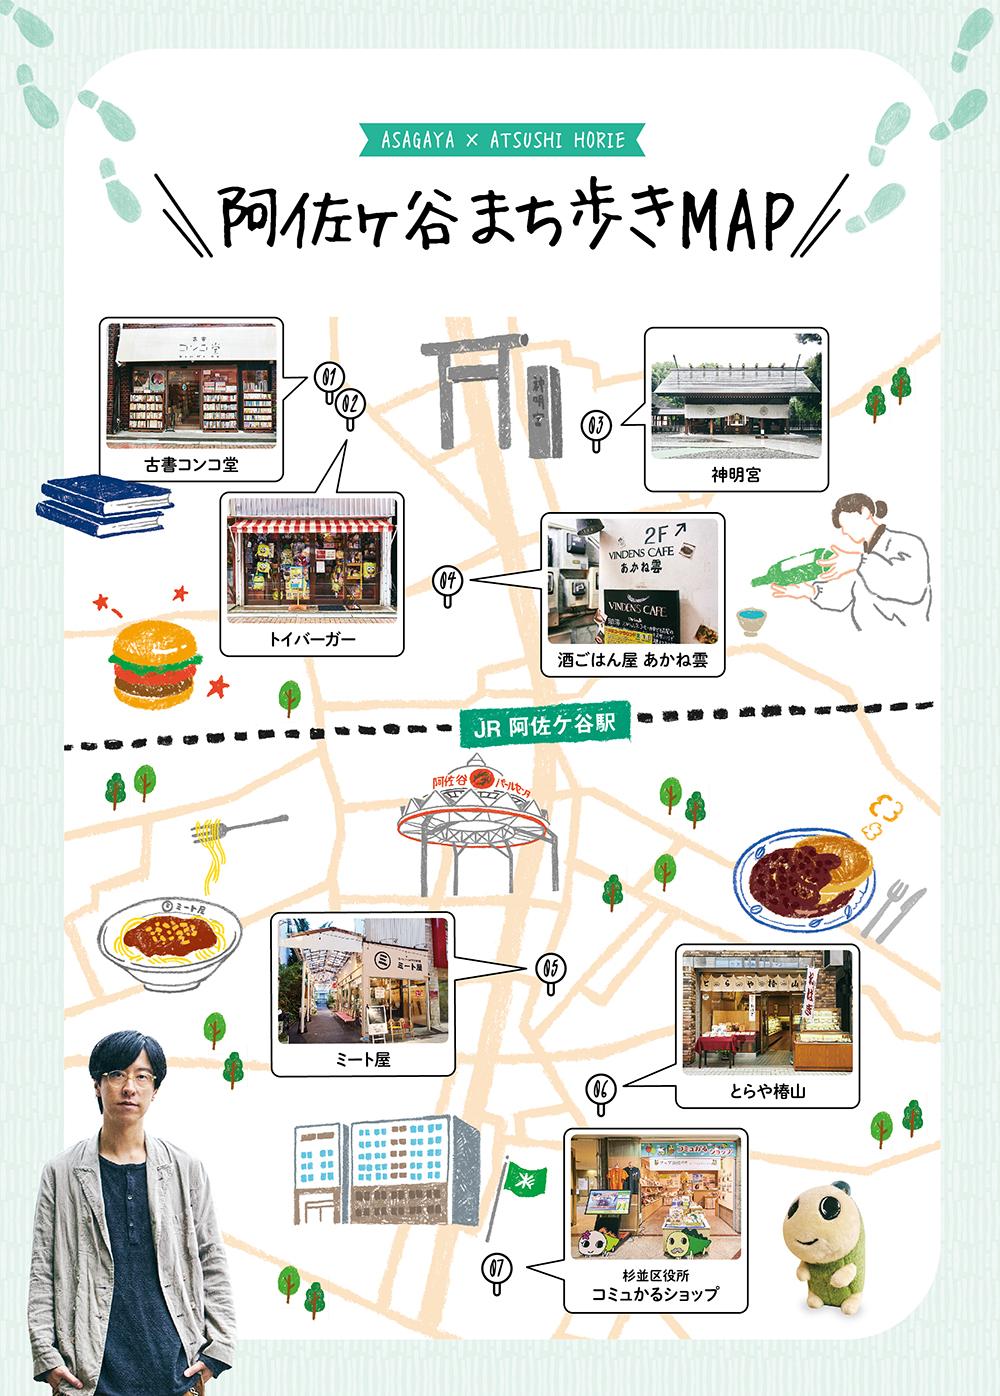 阿佐ヶ谷まち歩きMAP